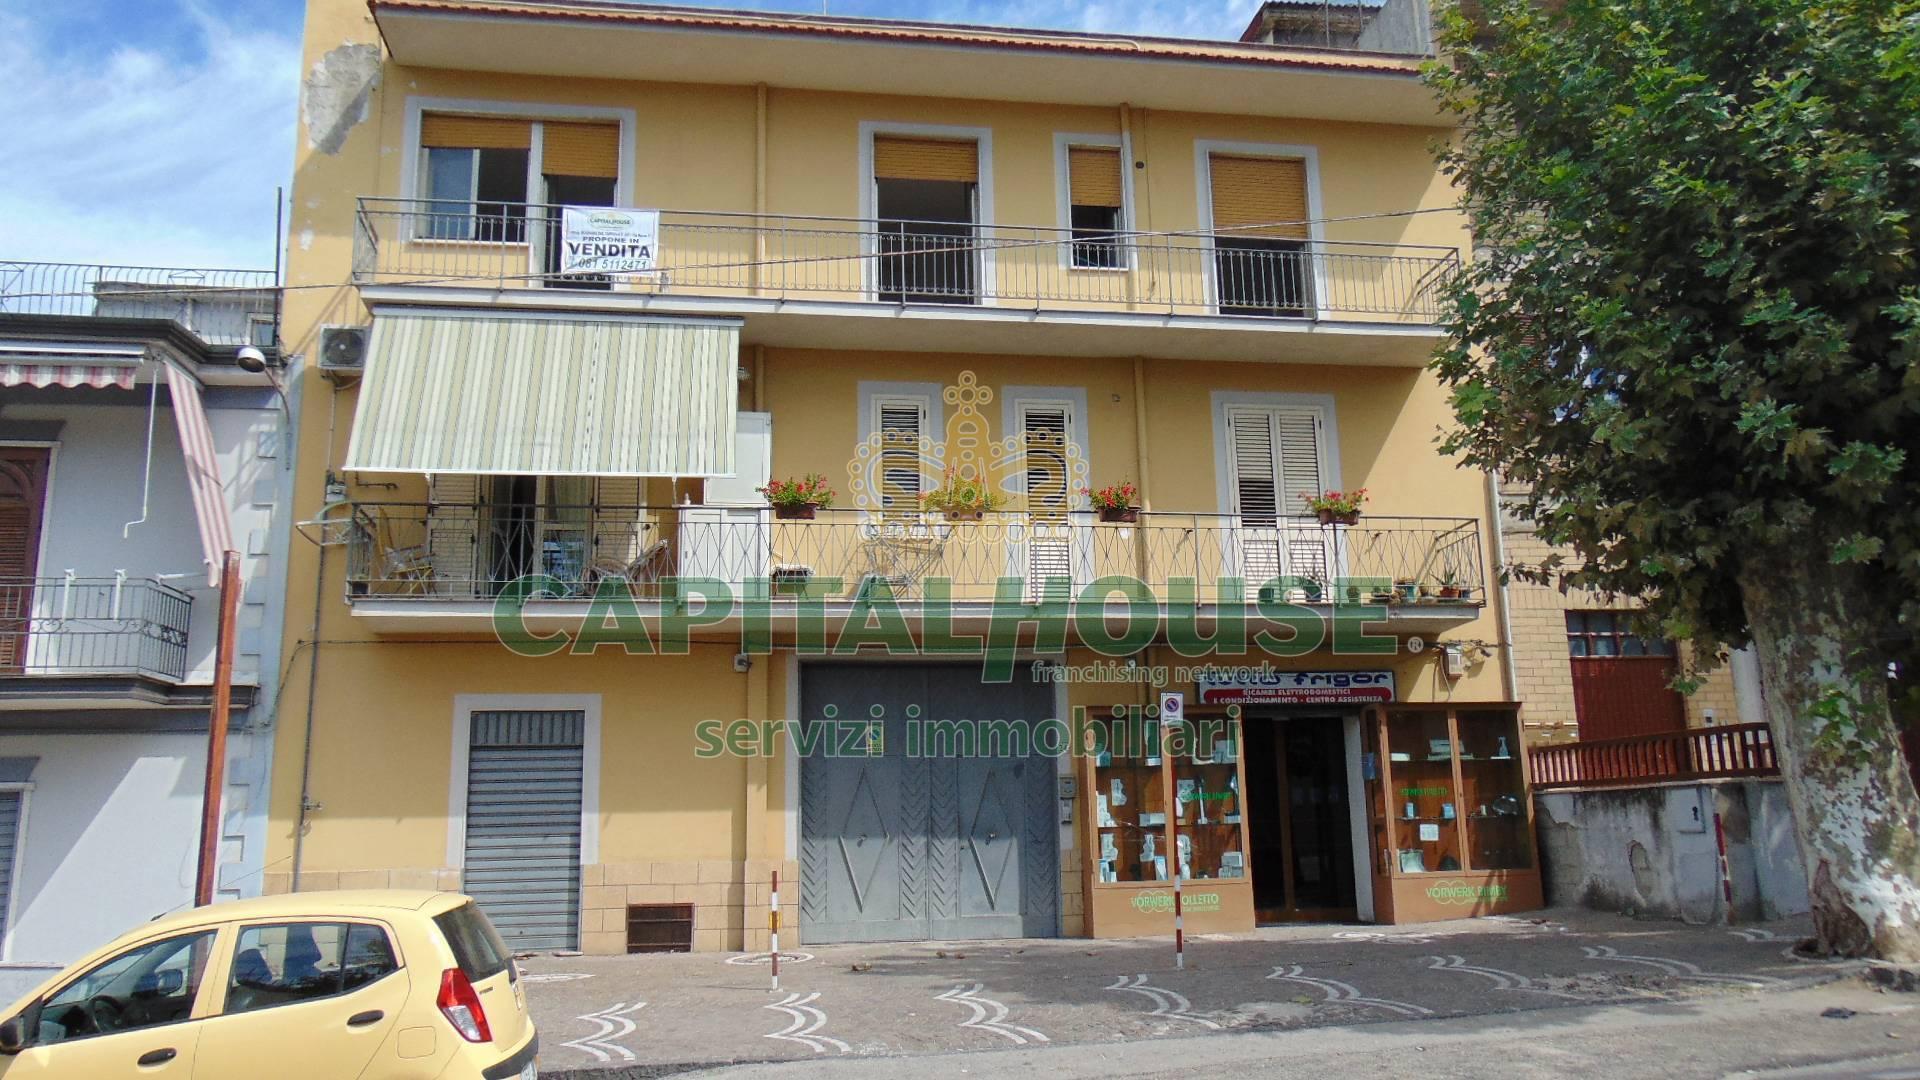 Appartamento in vendita a Sirignano, 4 locali, prezzo € 99.000   PortaleAgenzieImmobiliari.it